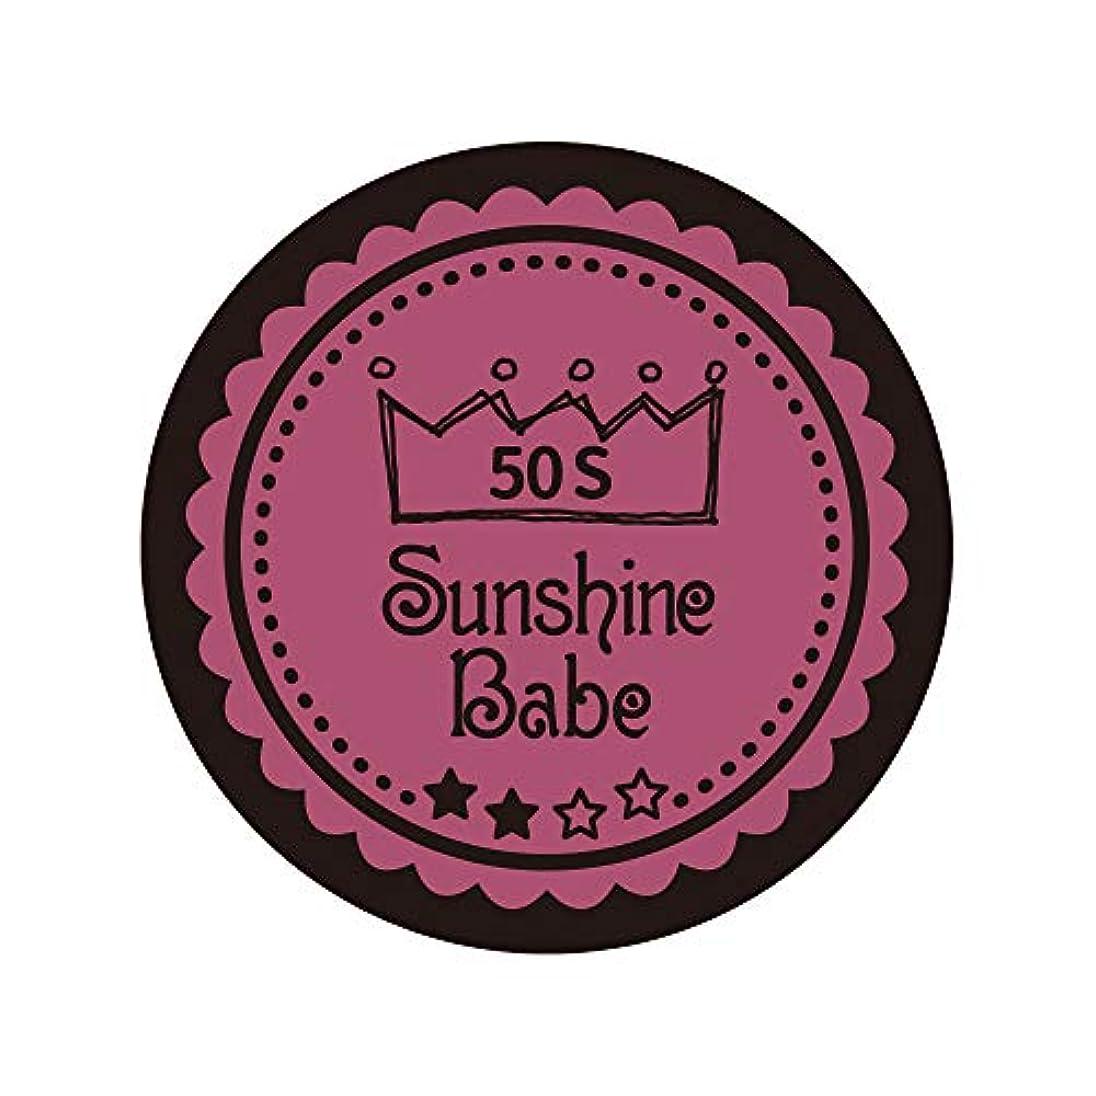 劇場野望ポーチSunshine Babe カラージェル 50S ベイクドピンク 4g UV/LED対応